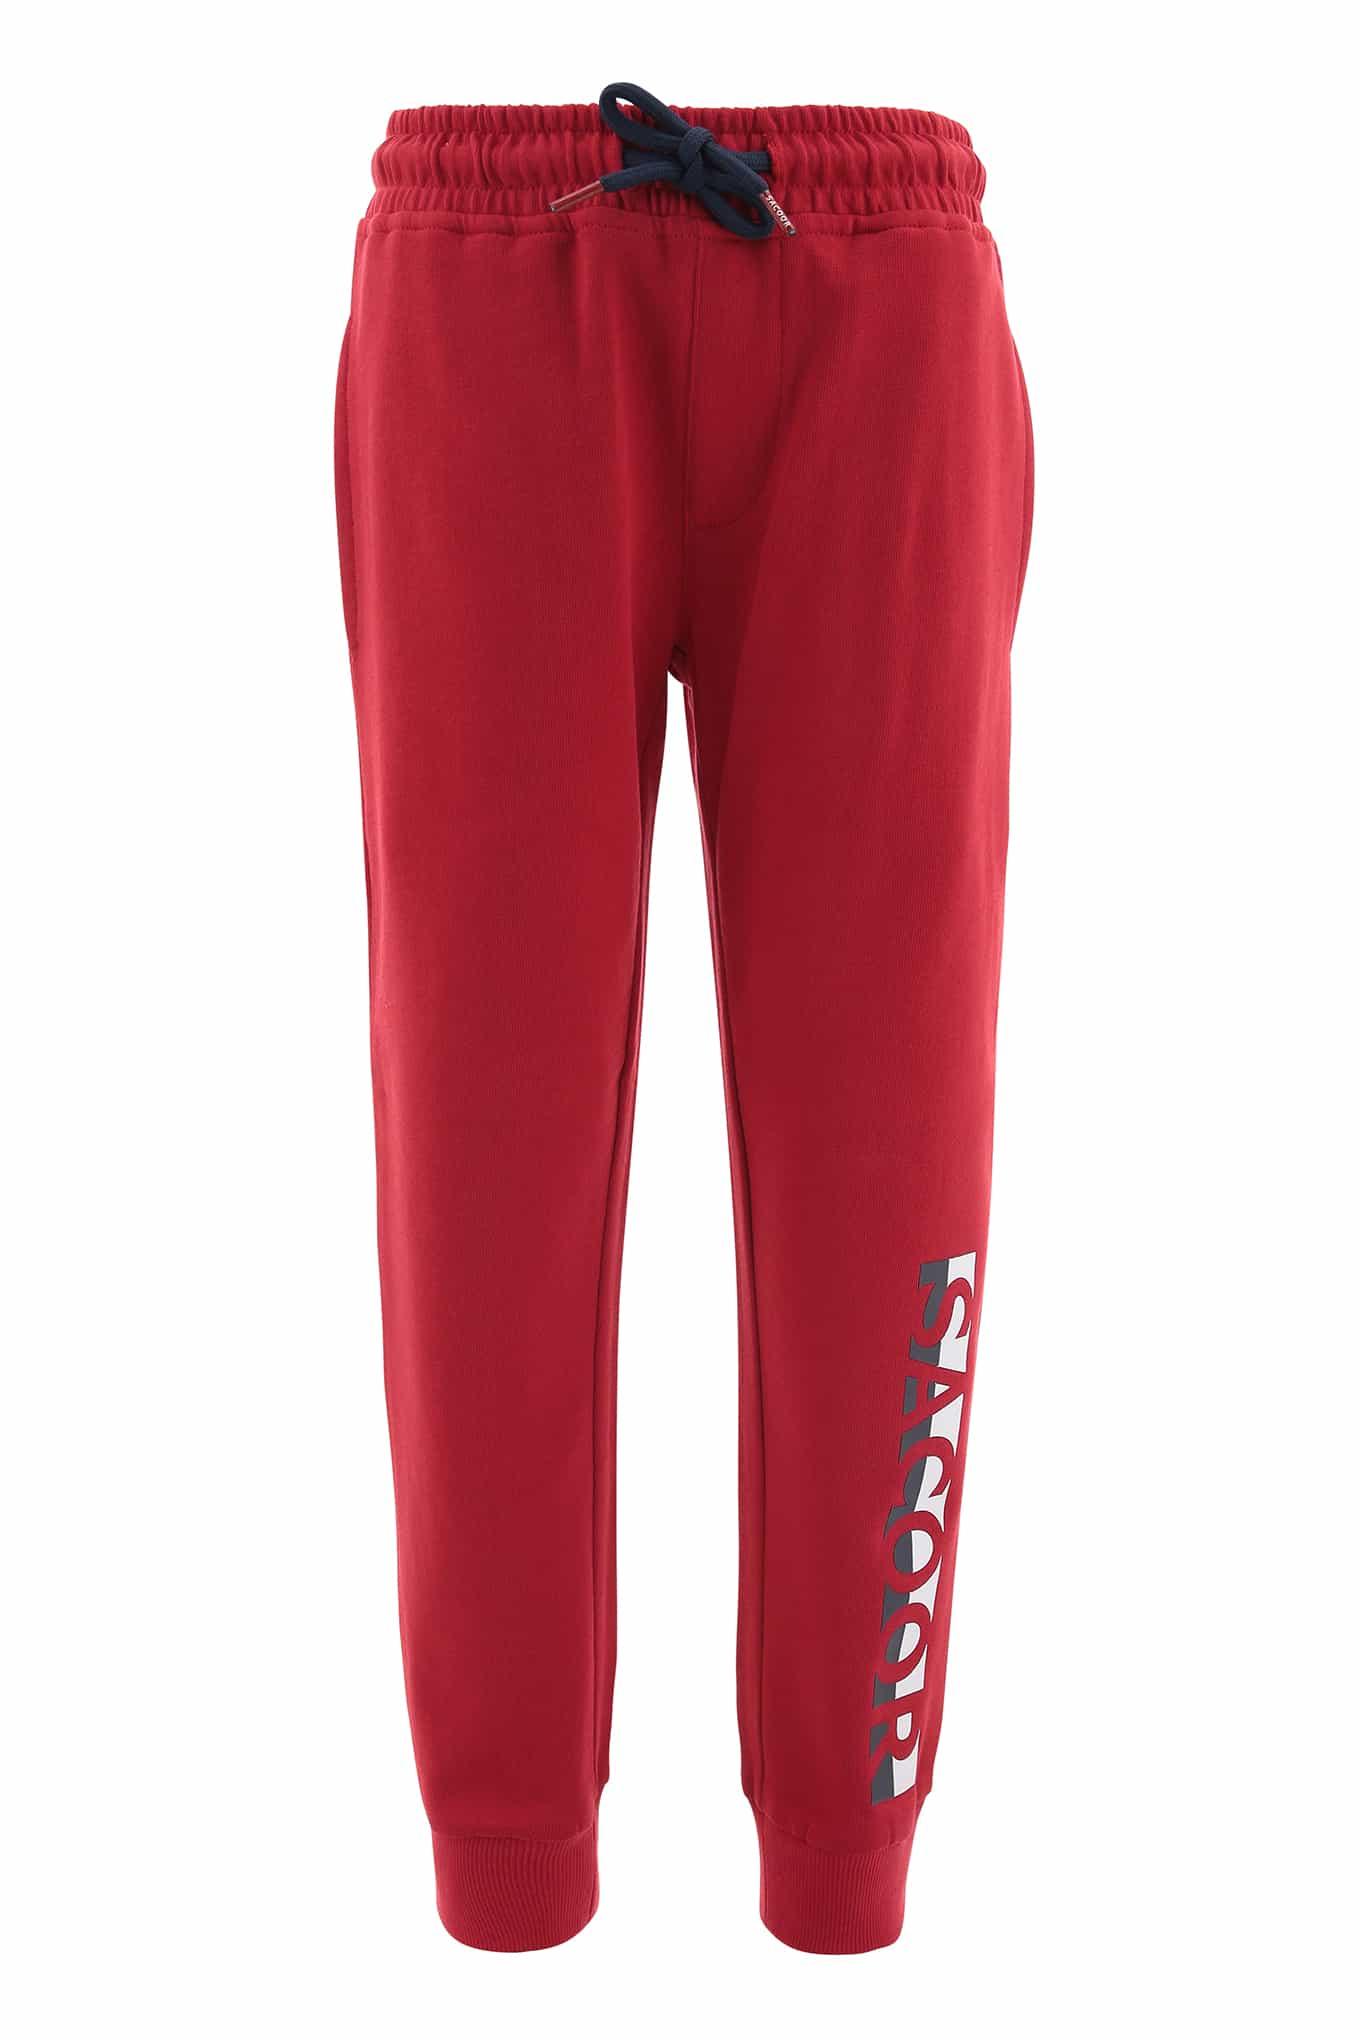 Sportswear Trousers Red Sport Boy